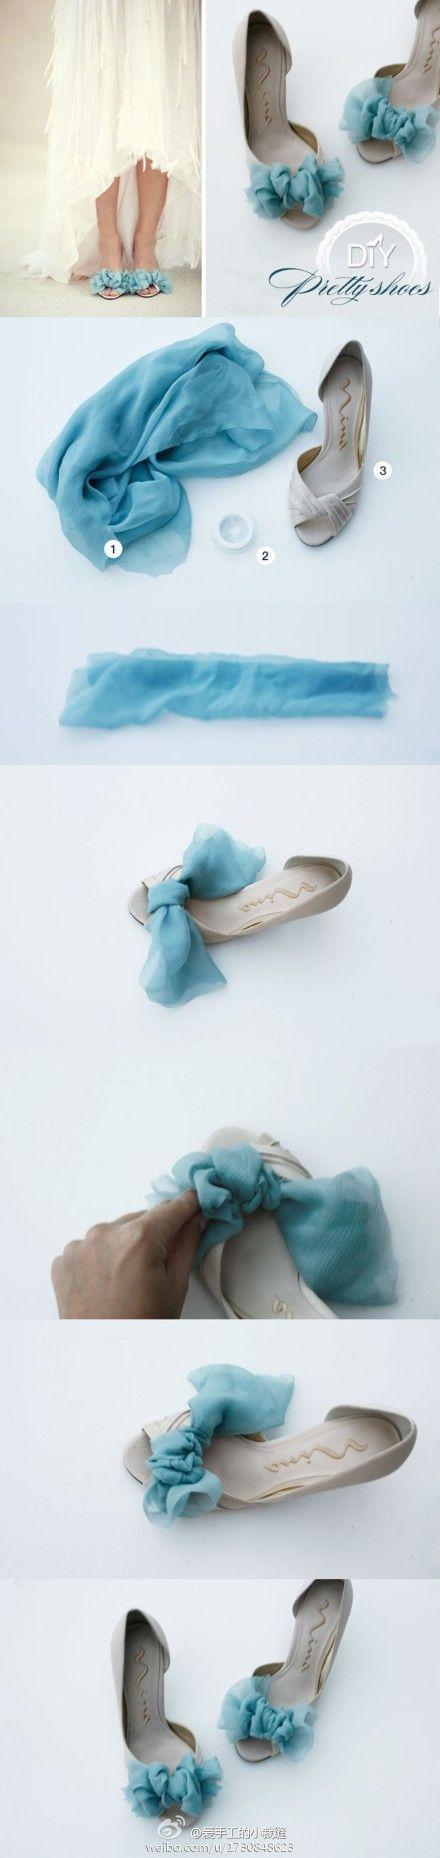 8 креативных способов украсить надоевшую обувь - Lena View